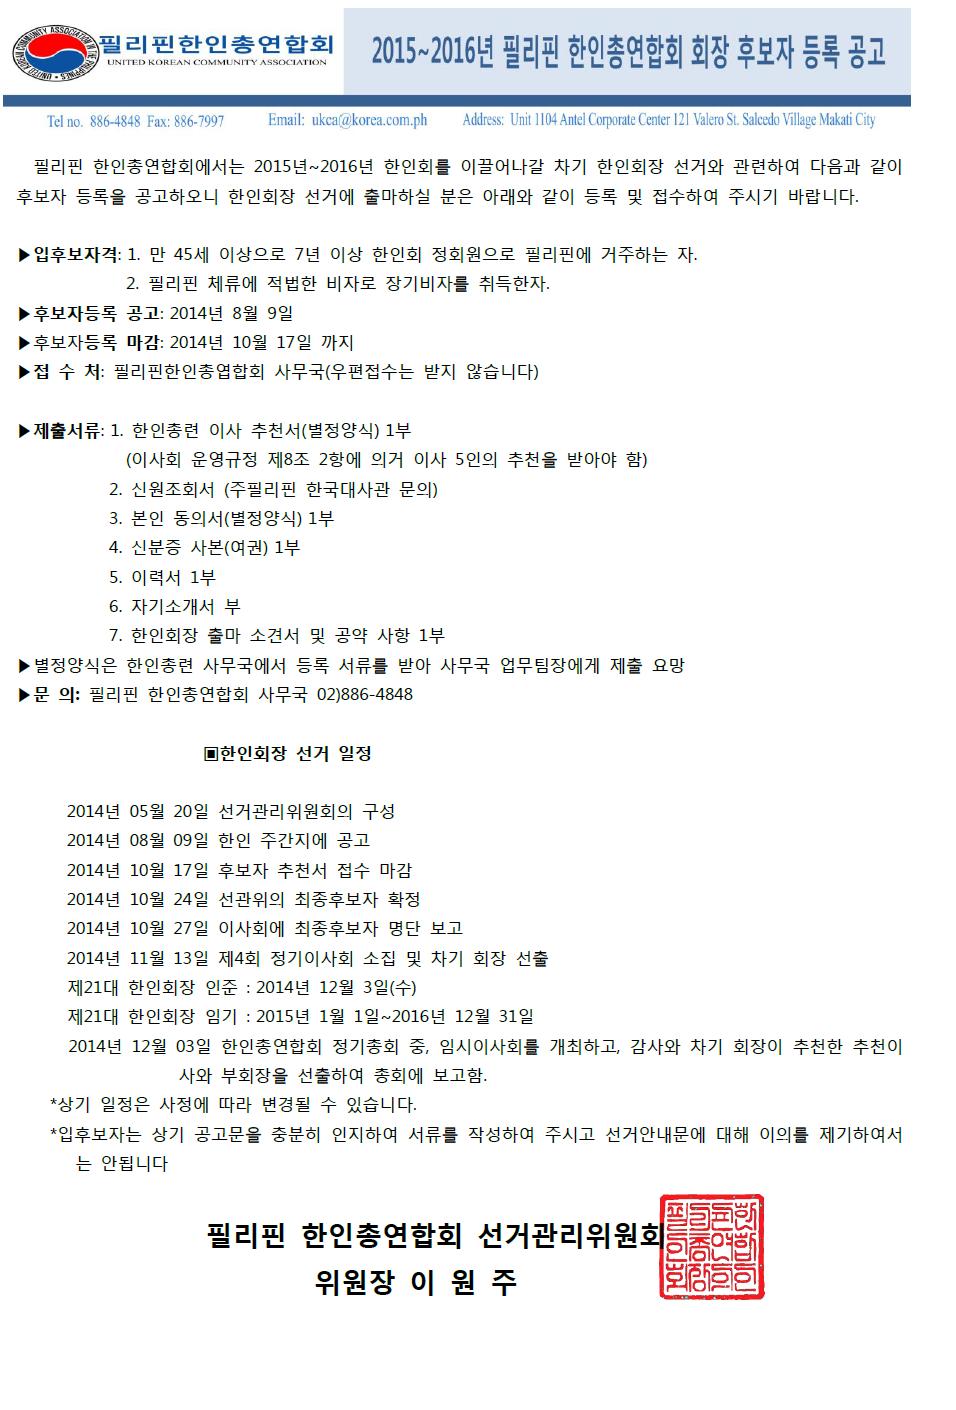 신임한인후보 등록 공고 (1).png